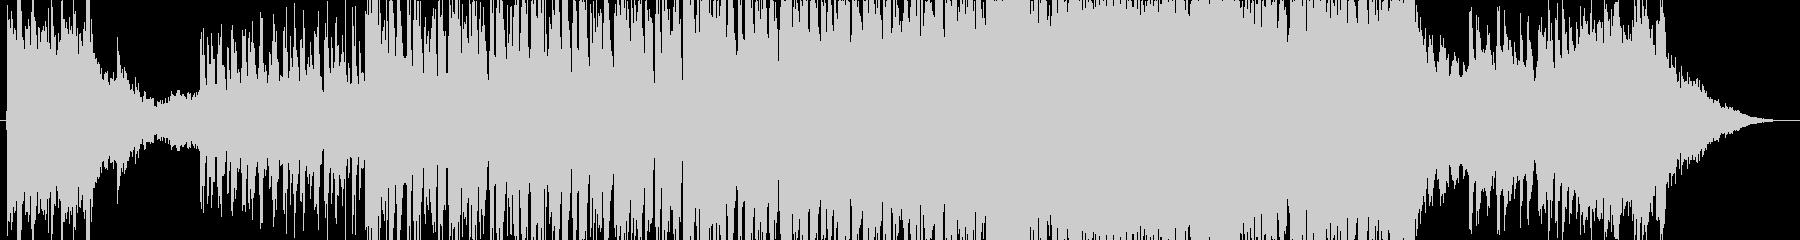 シンセ、バンド2部構成の雄大なバラードの未再生の波形